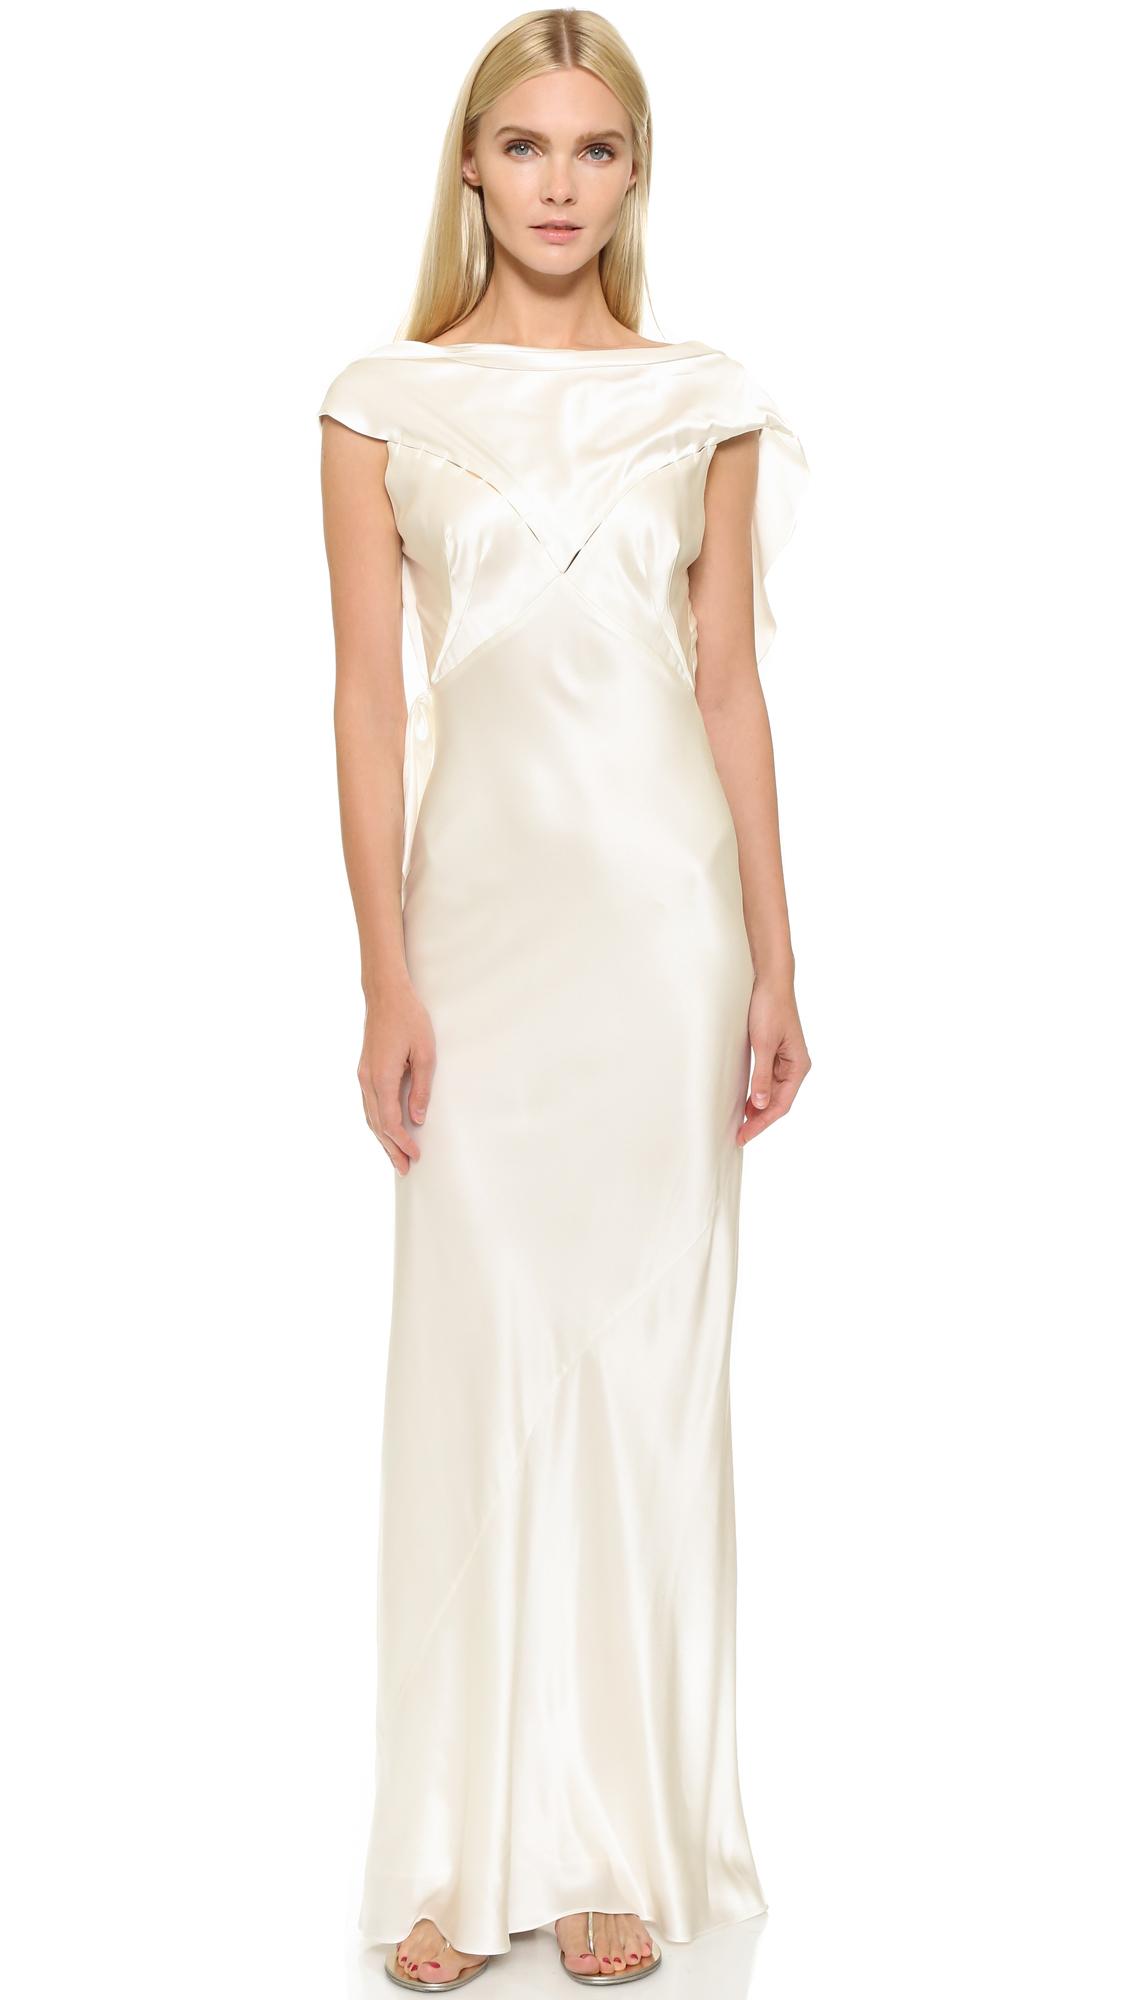 Lyst - Zac Posen Silk Gown in White